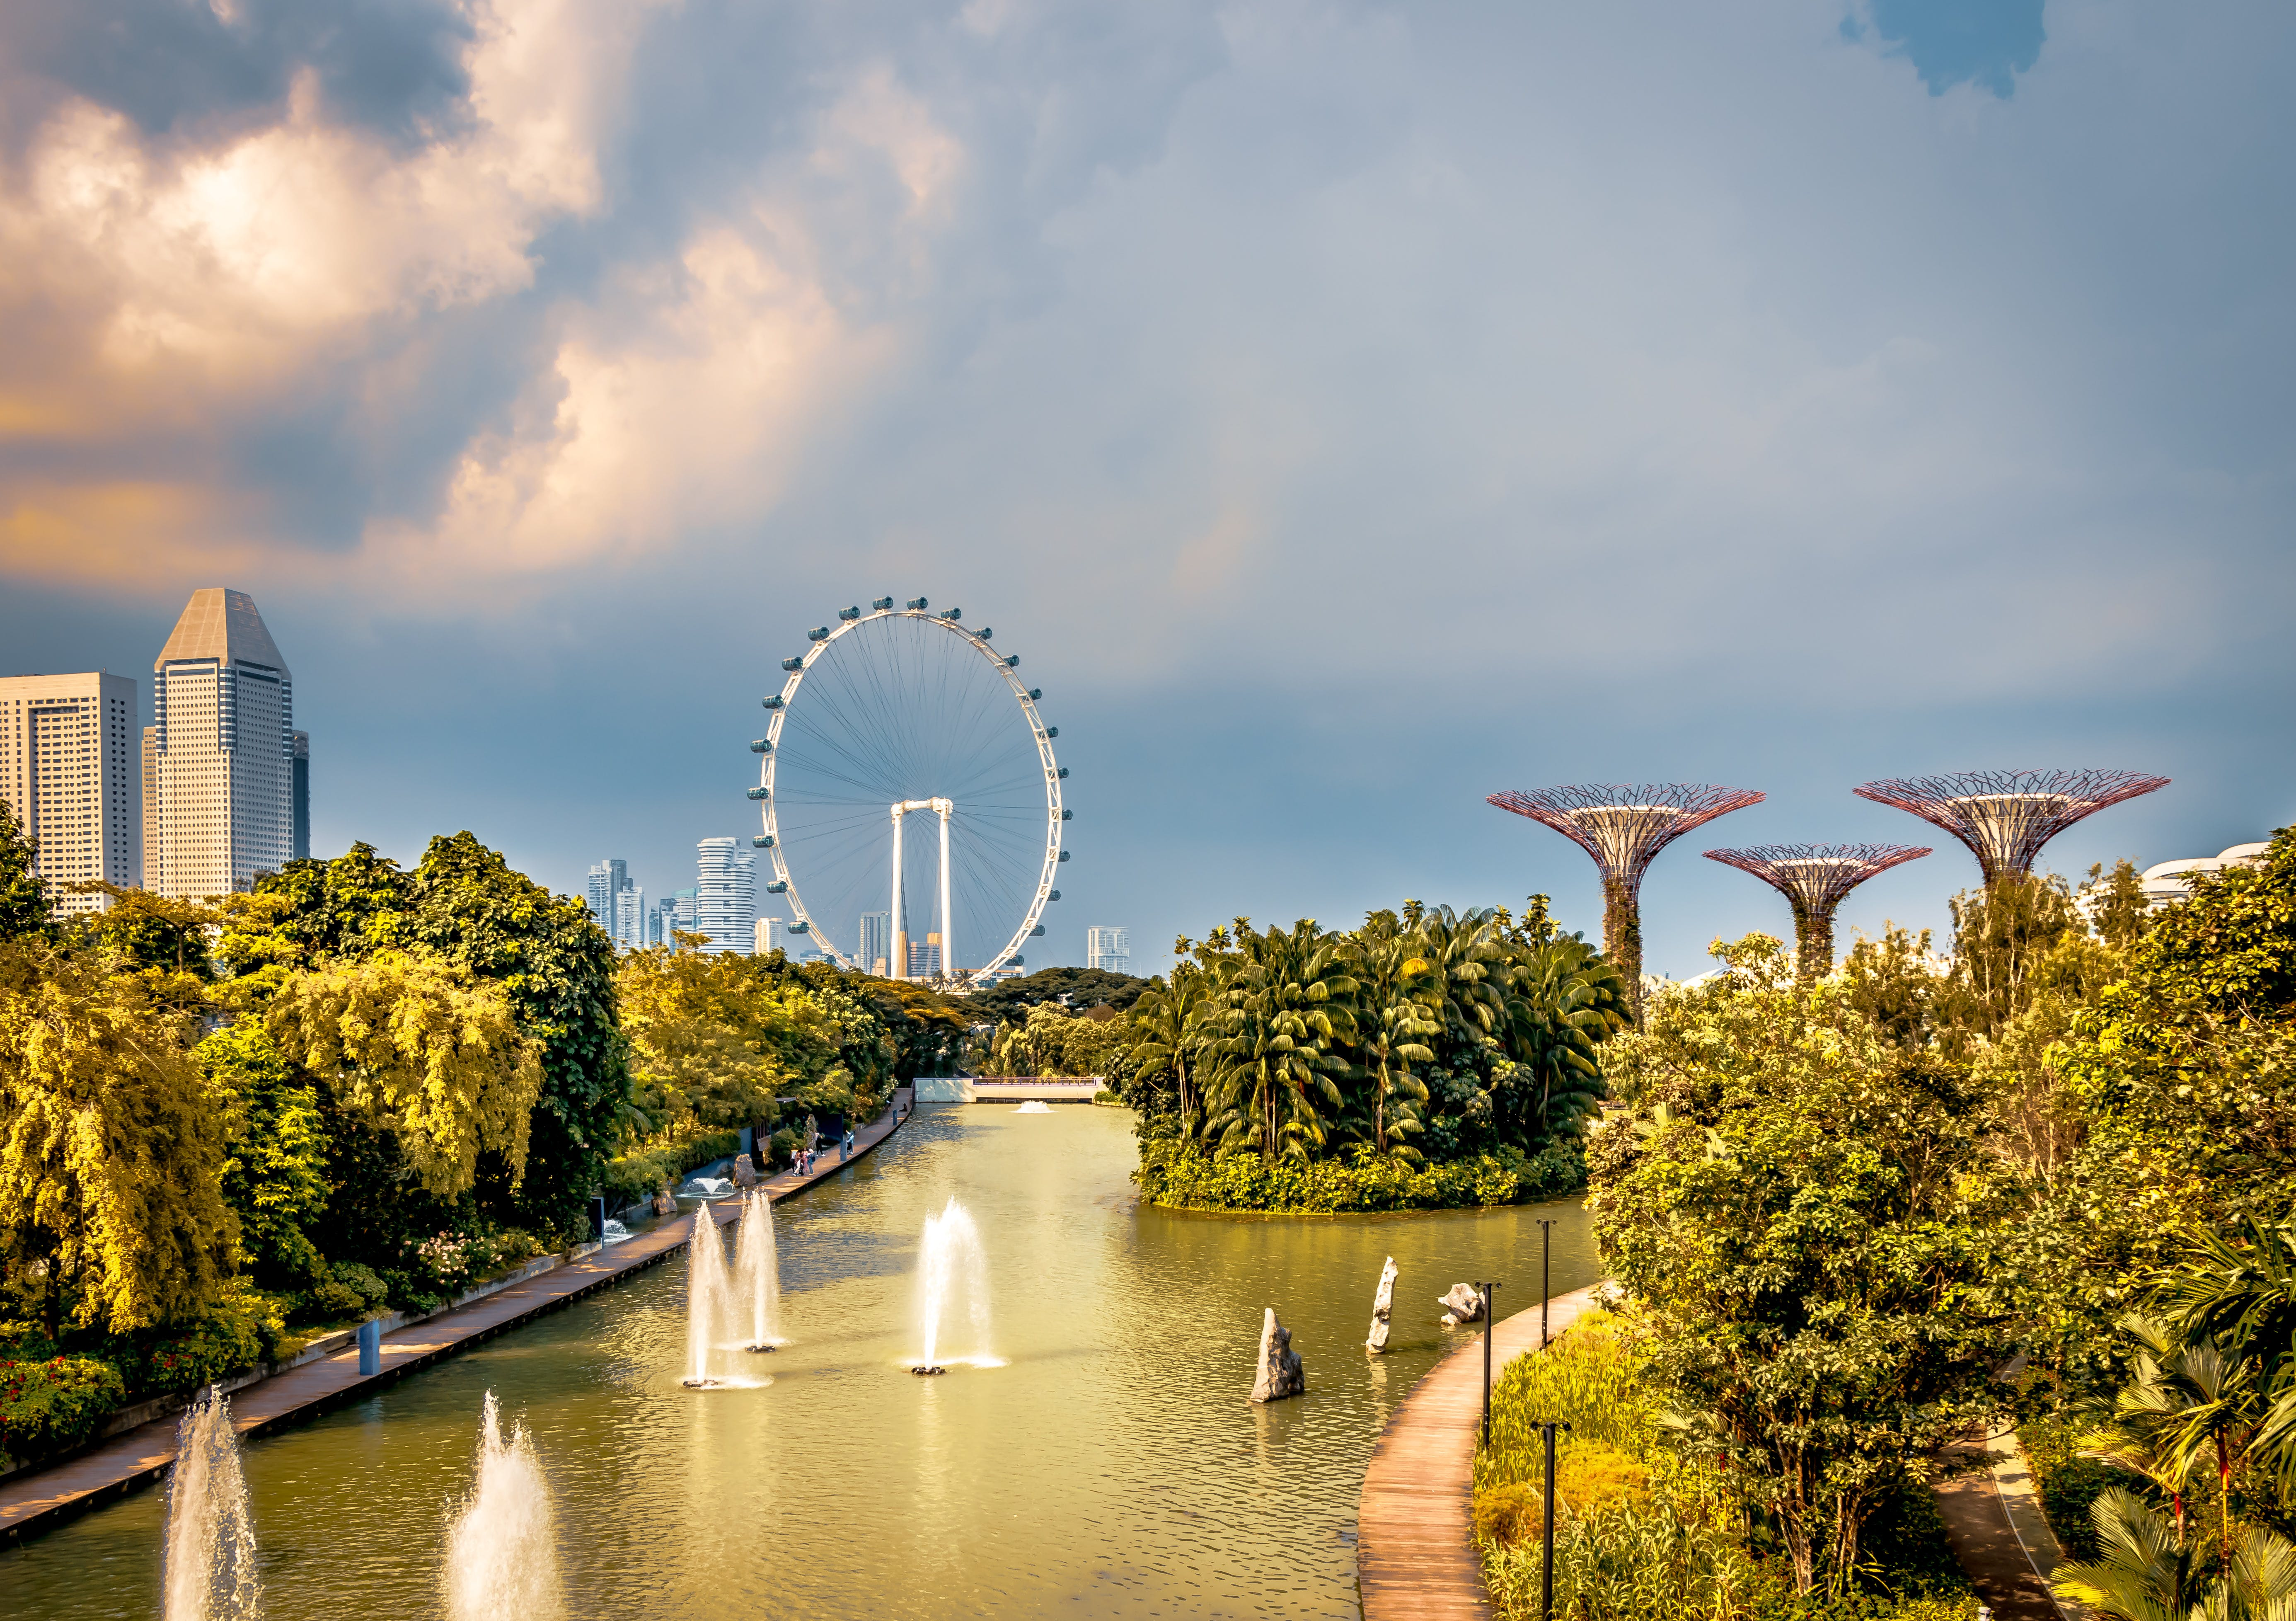 놀라운, 도시, 도시 전망, 마리나 베이 샌즈의 무료 스톡 사진